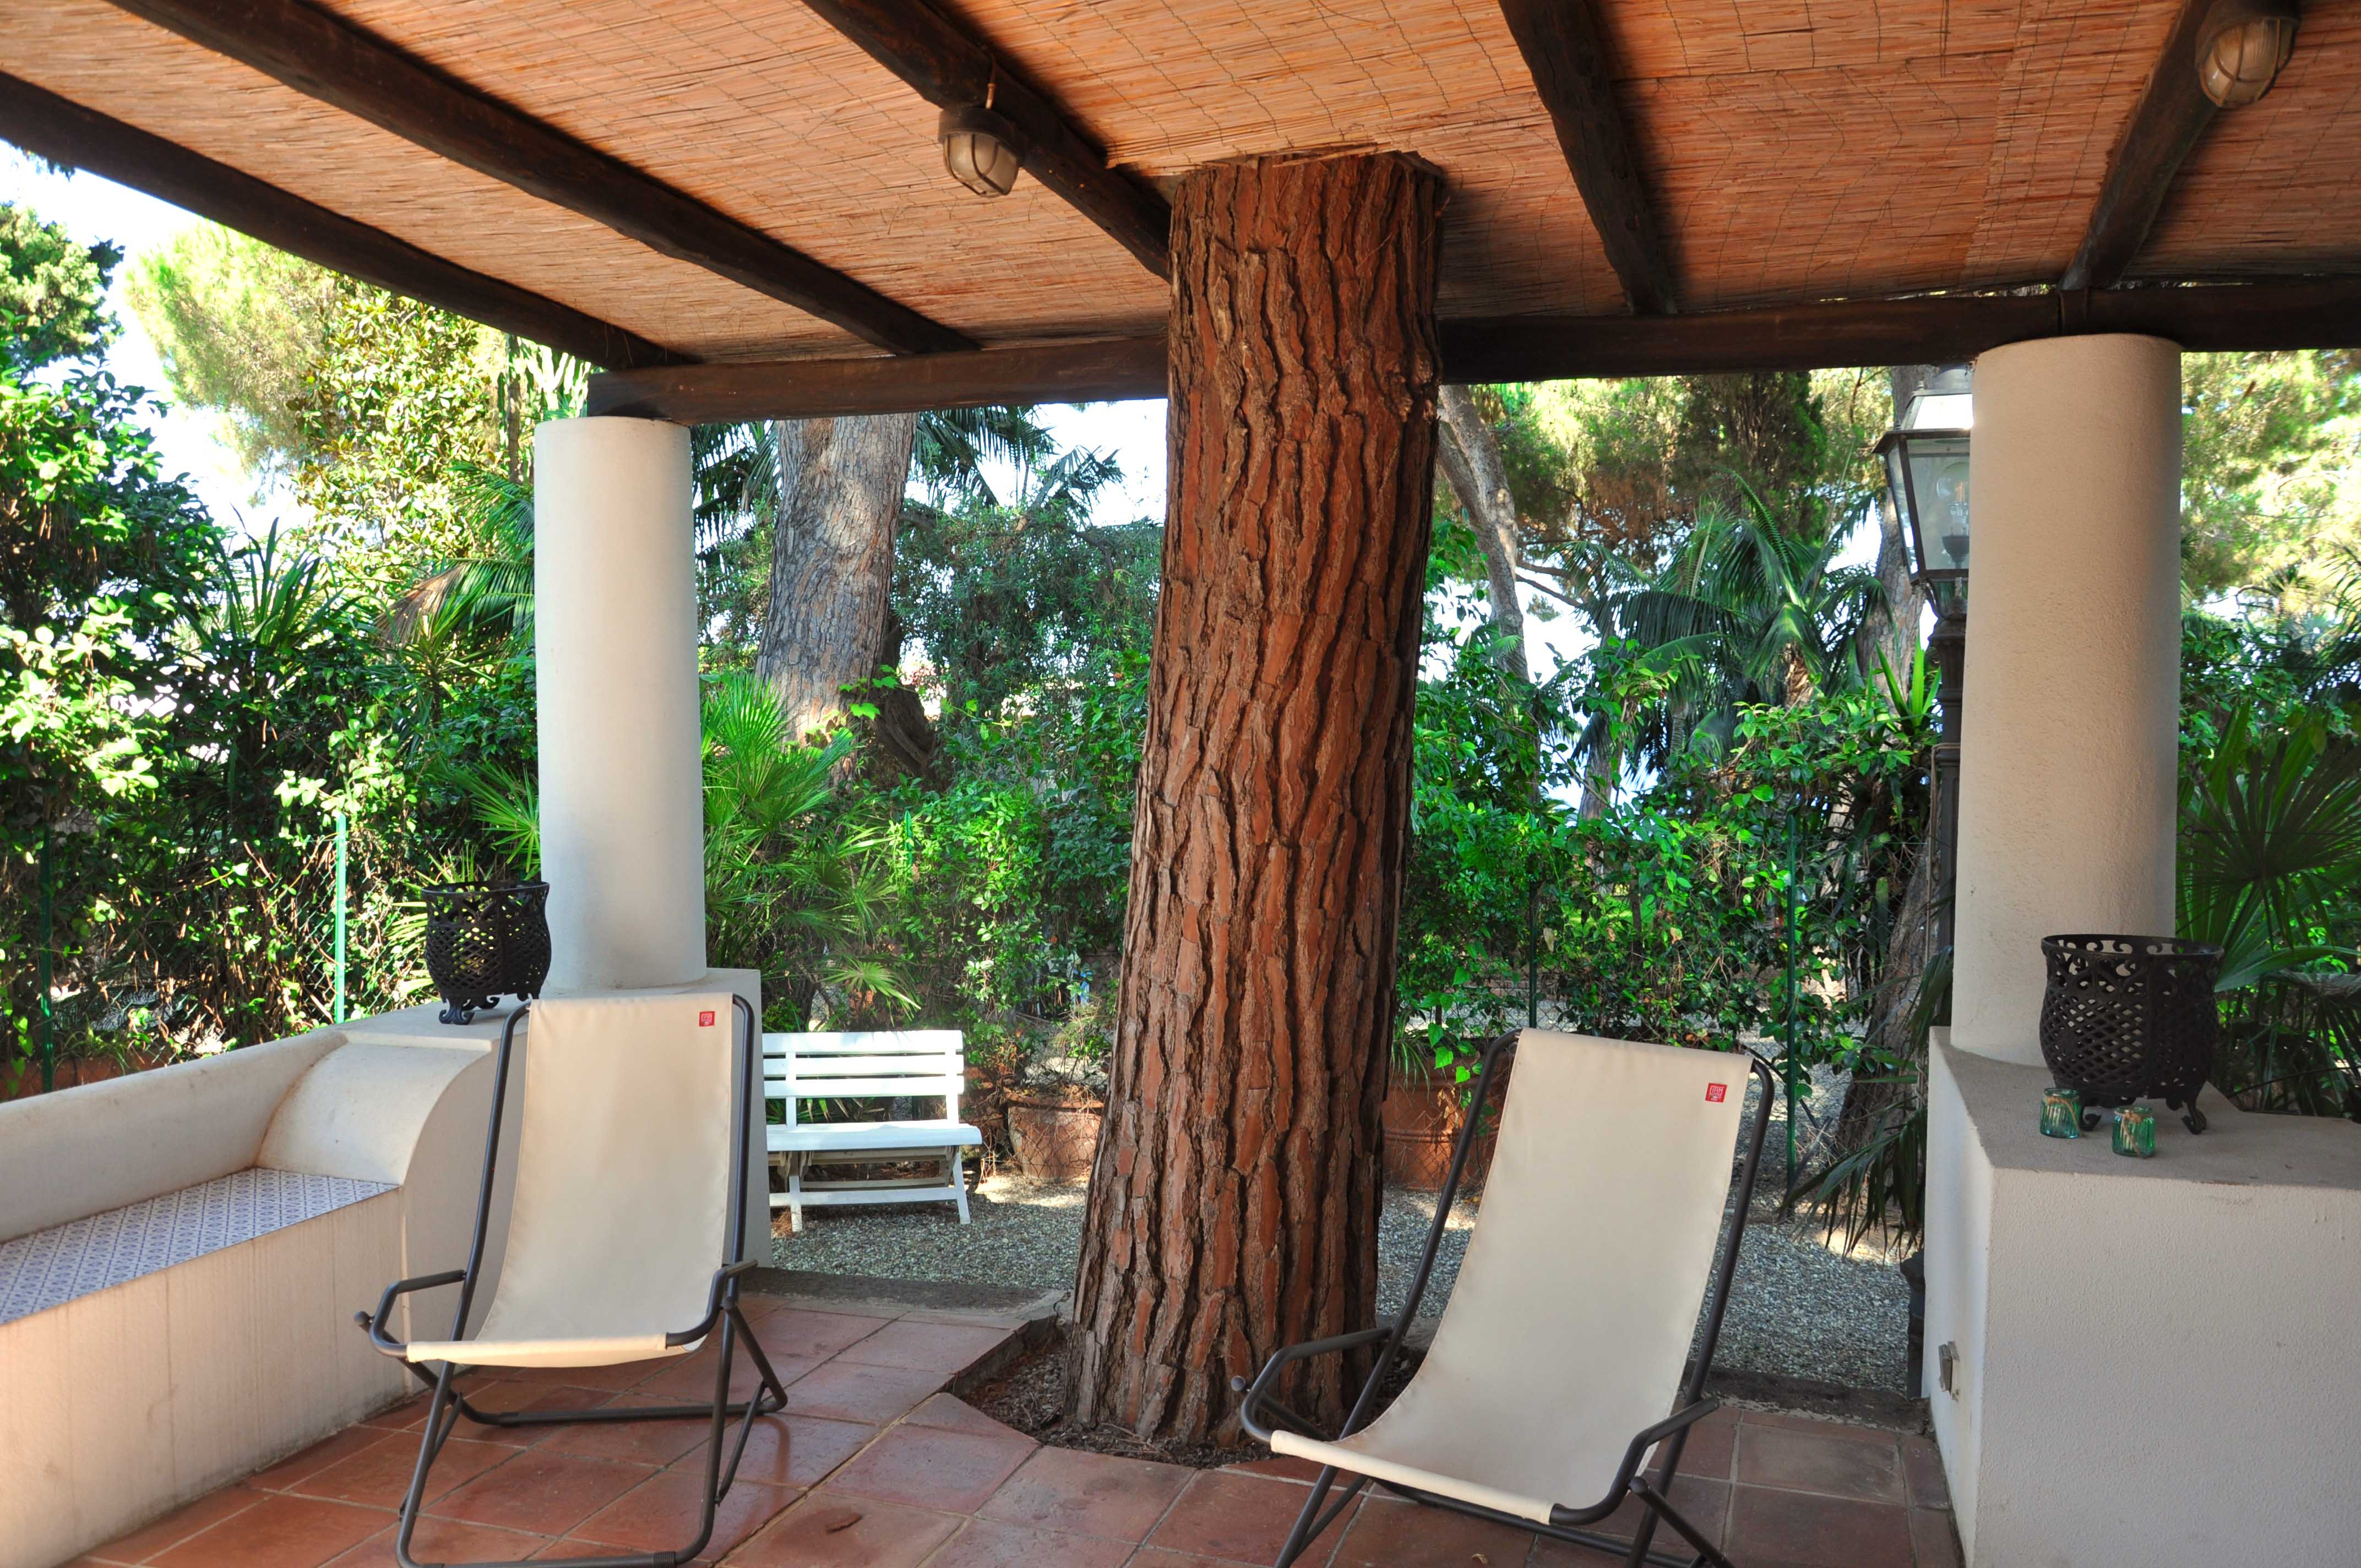 Casa & Co Milazzo casa capiciana punta rotolo - houses for rent in milazzo